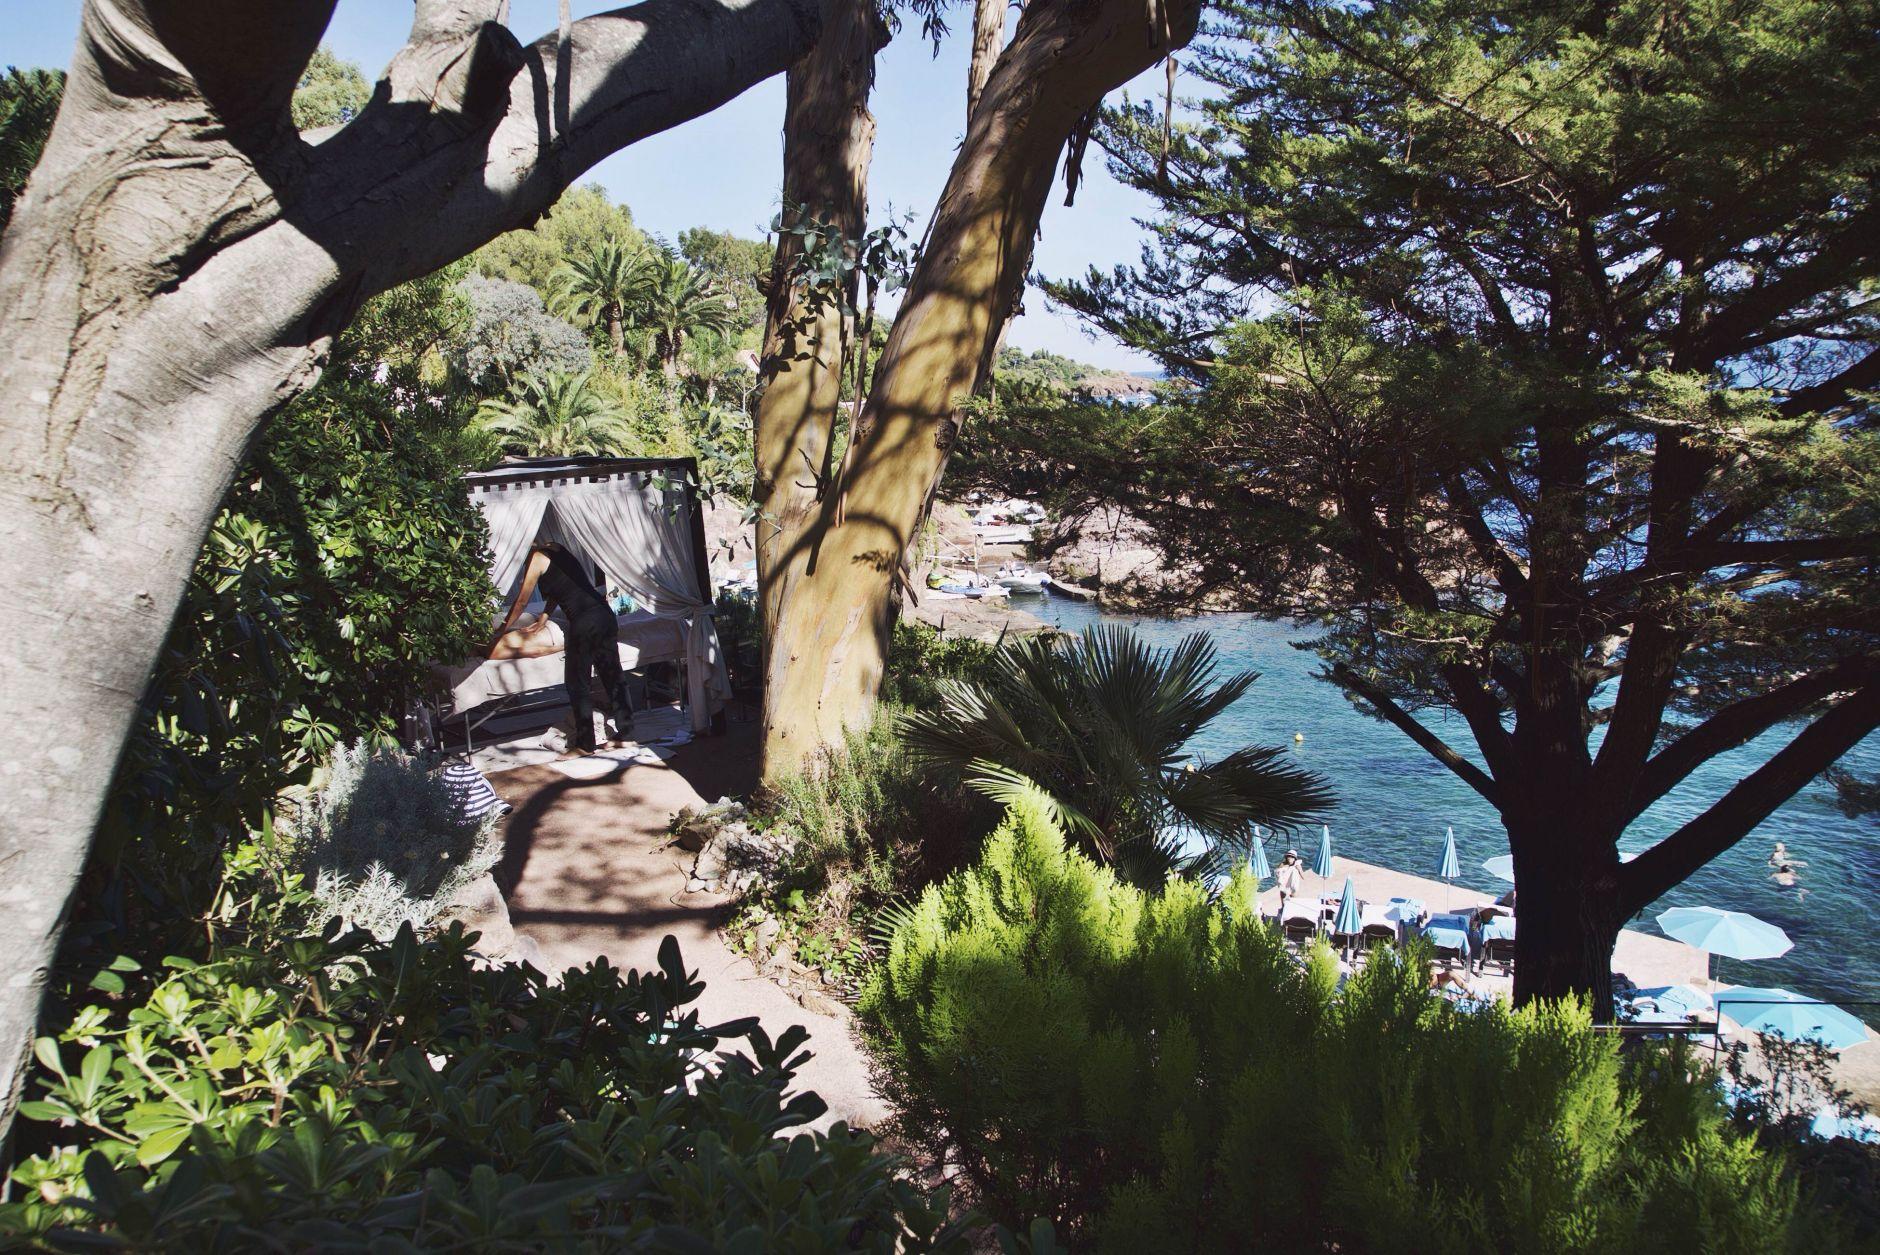 23-Tiara-Miramar-Beach-Hotel-Spa-Cote-dAzur-Disi-Couture-Edisa-Shahini-Cannes-France